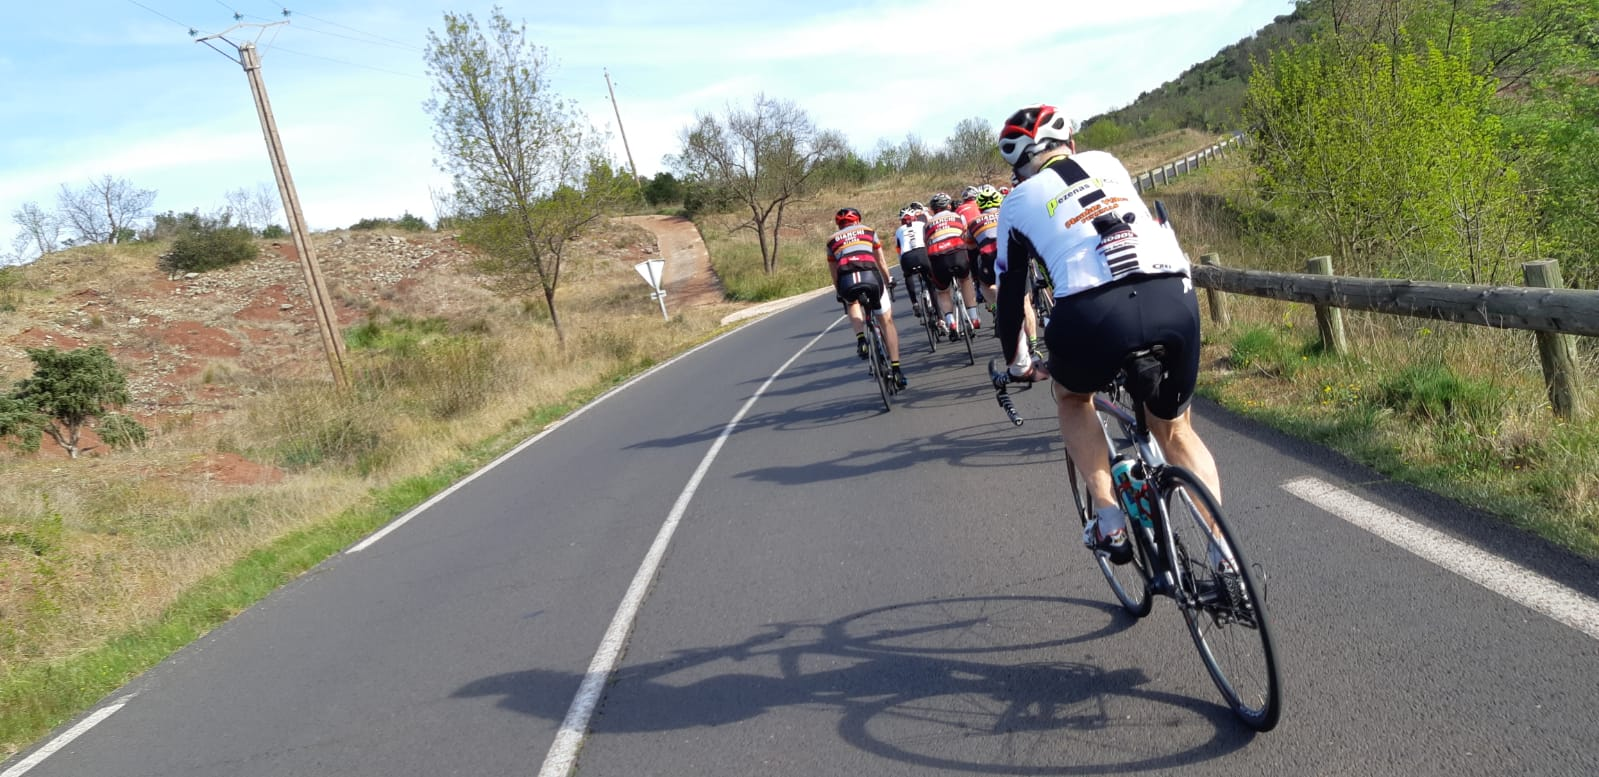 (22.03.2019) Brevet-Audax des 200 km